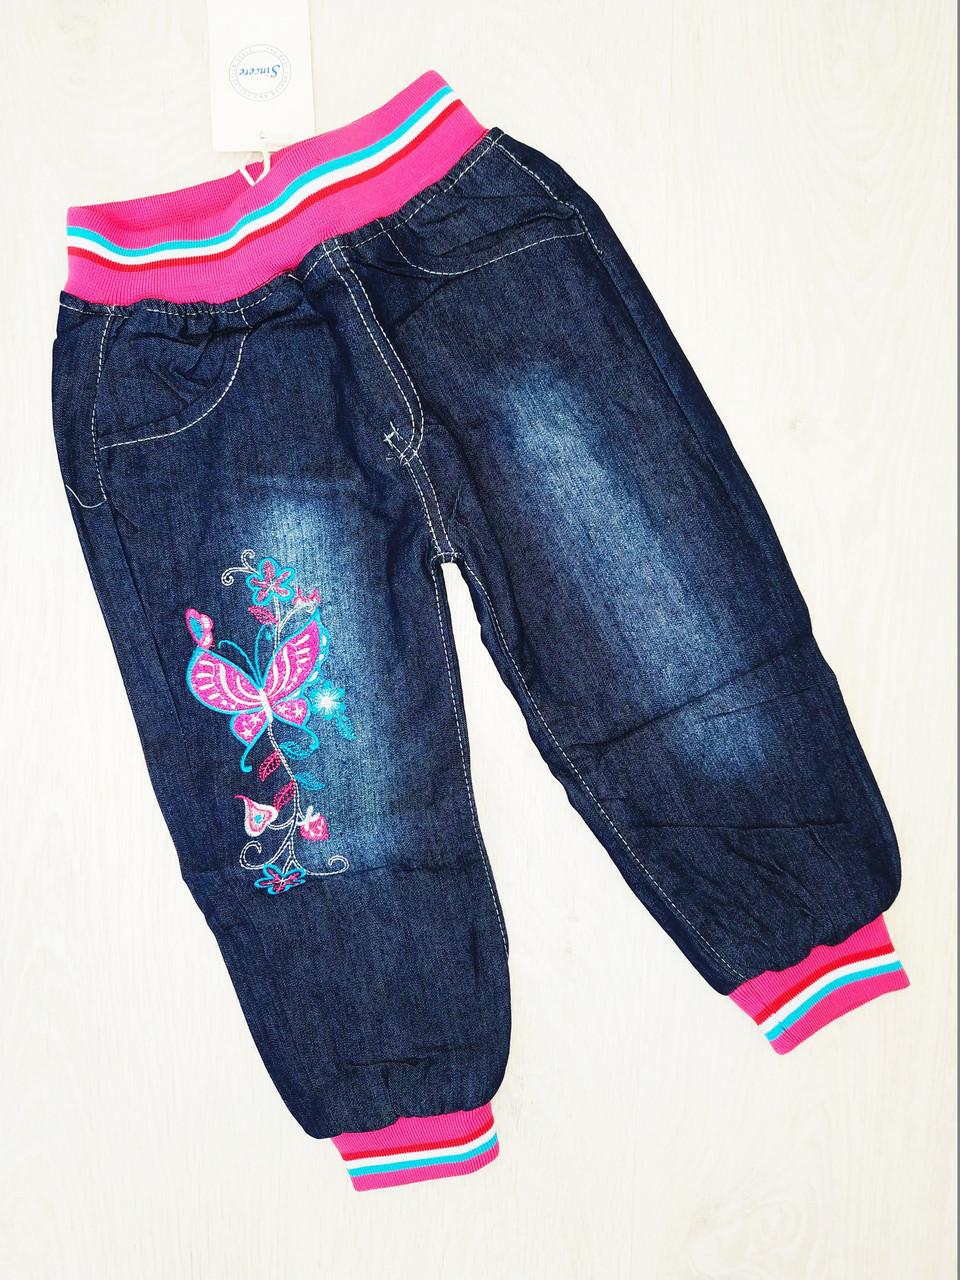 Джинсовые брюки для девочек на флисе, Венгрия, Sincere,  116,122 рр., арт. Q-137,